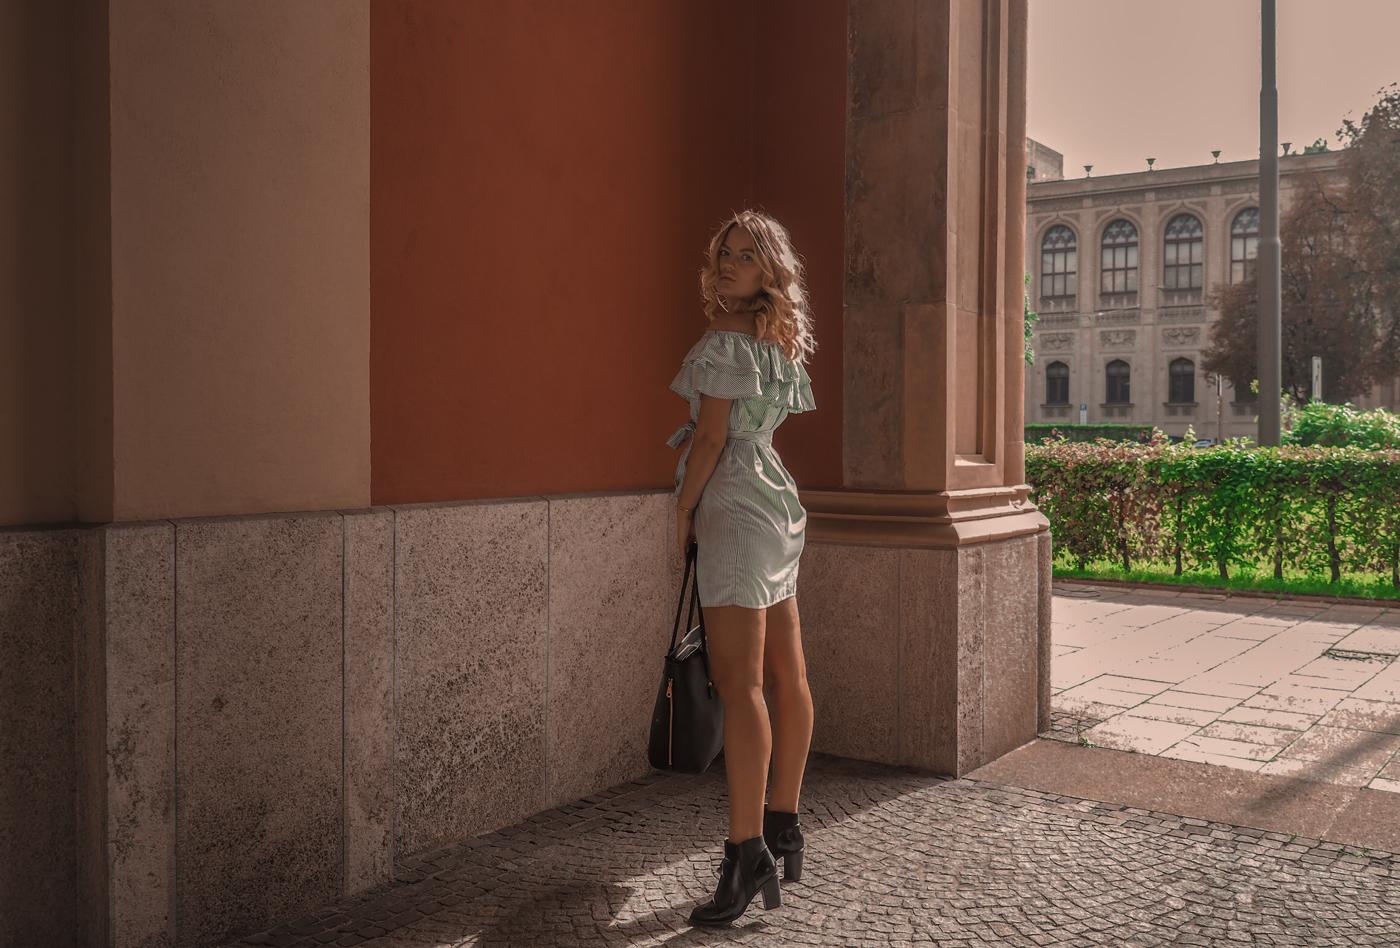 Green Dress in Munich